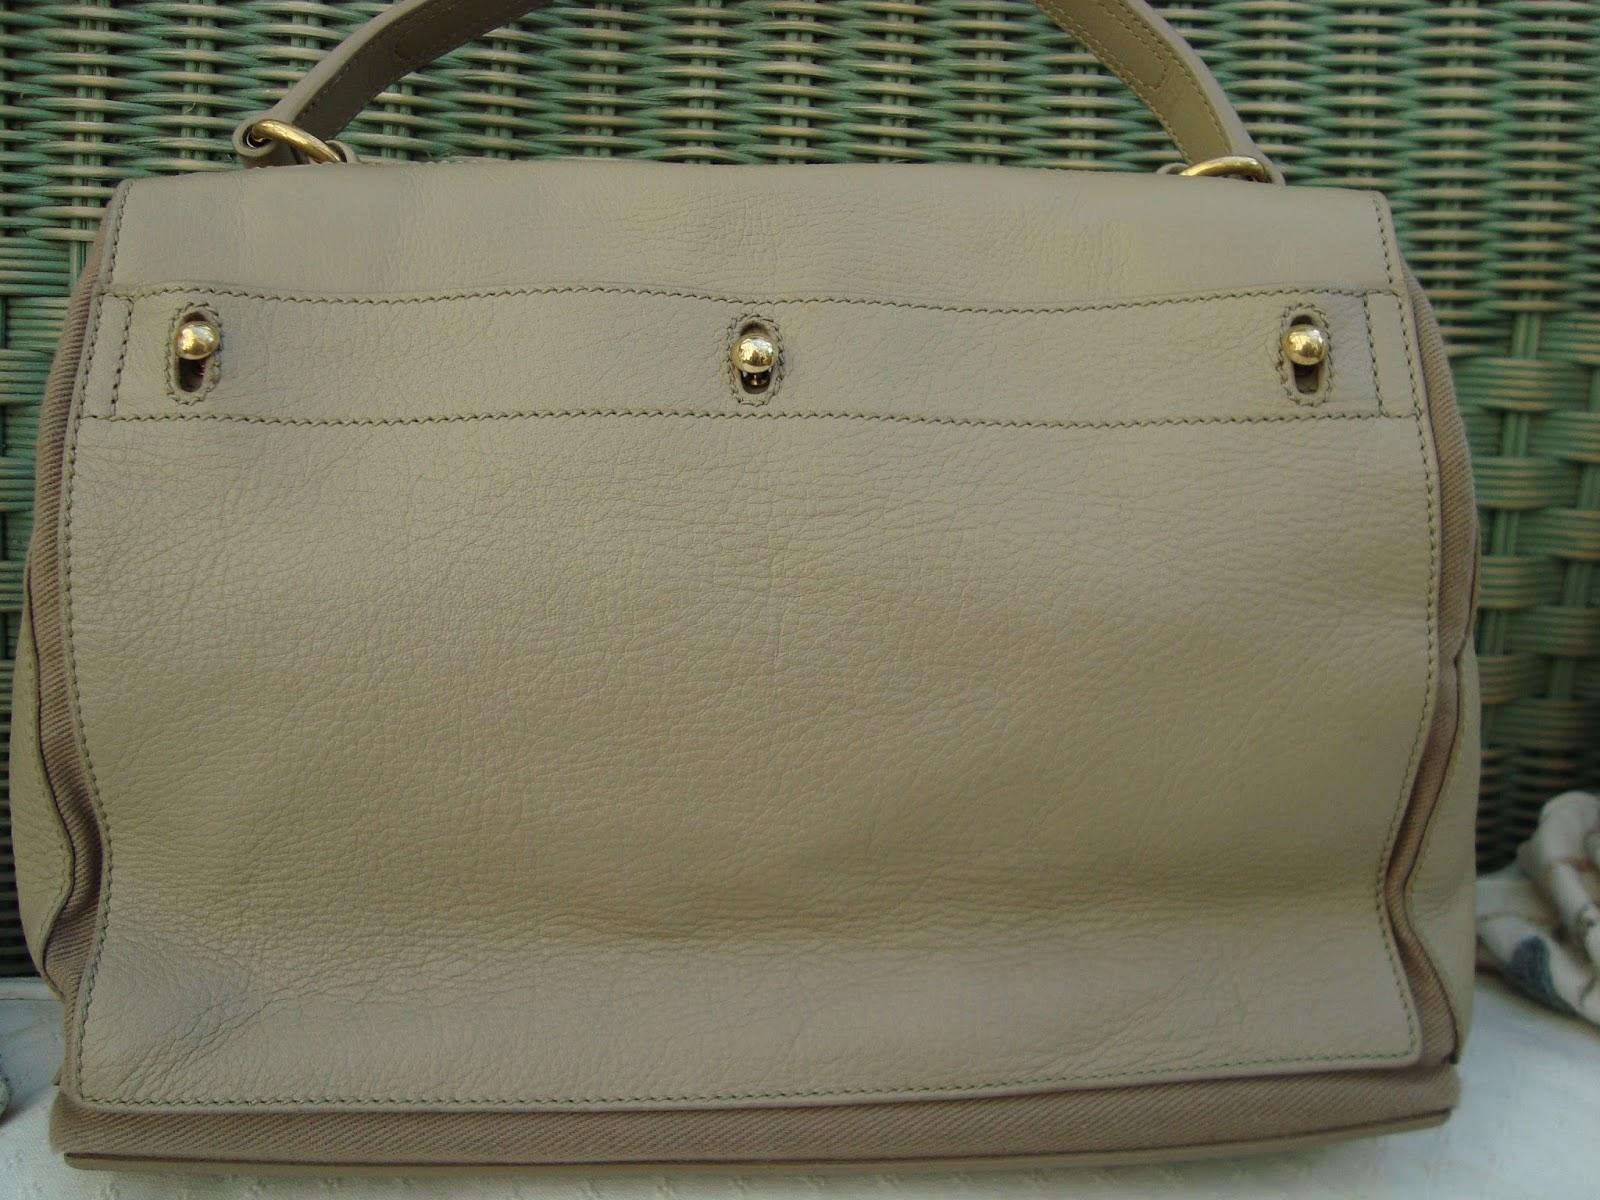 ysl ecru suede handbag